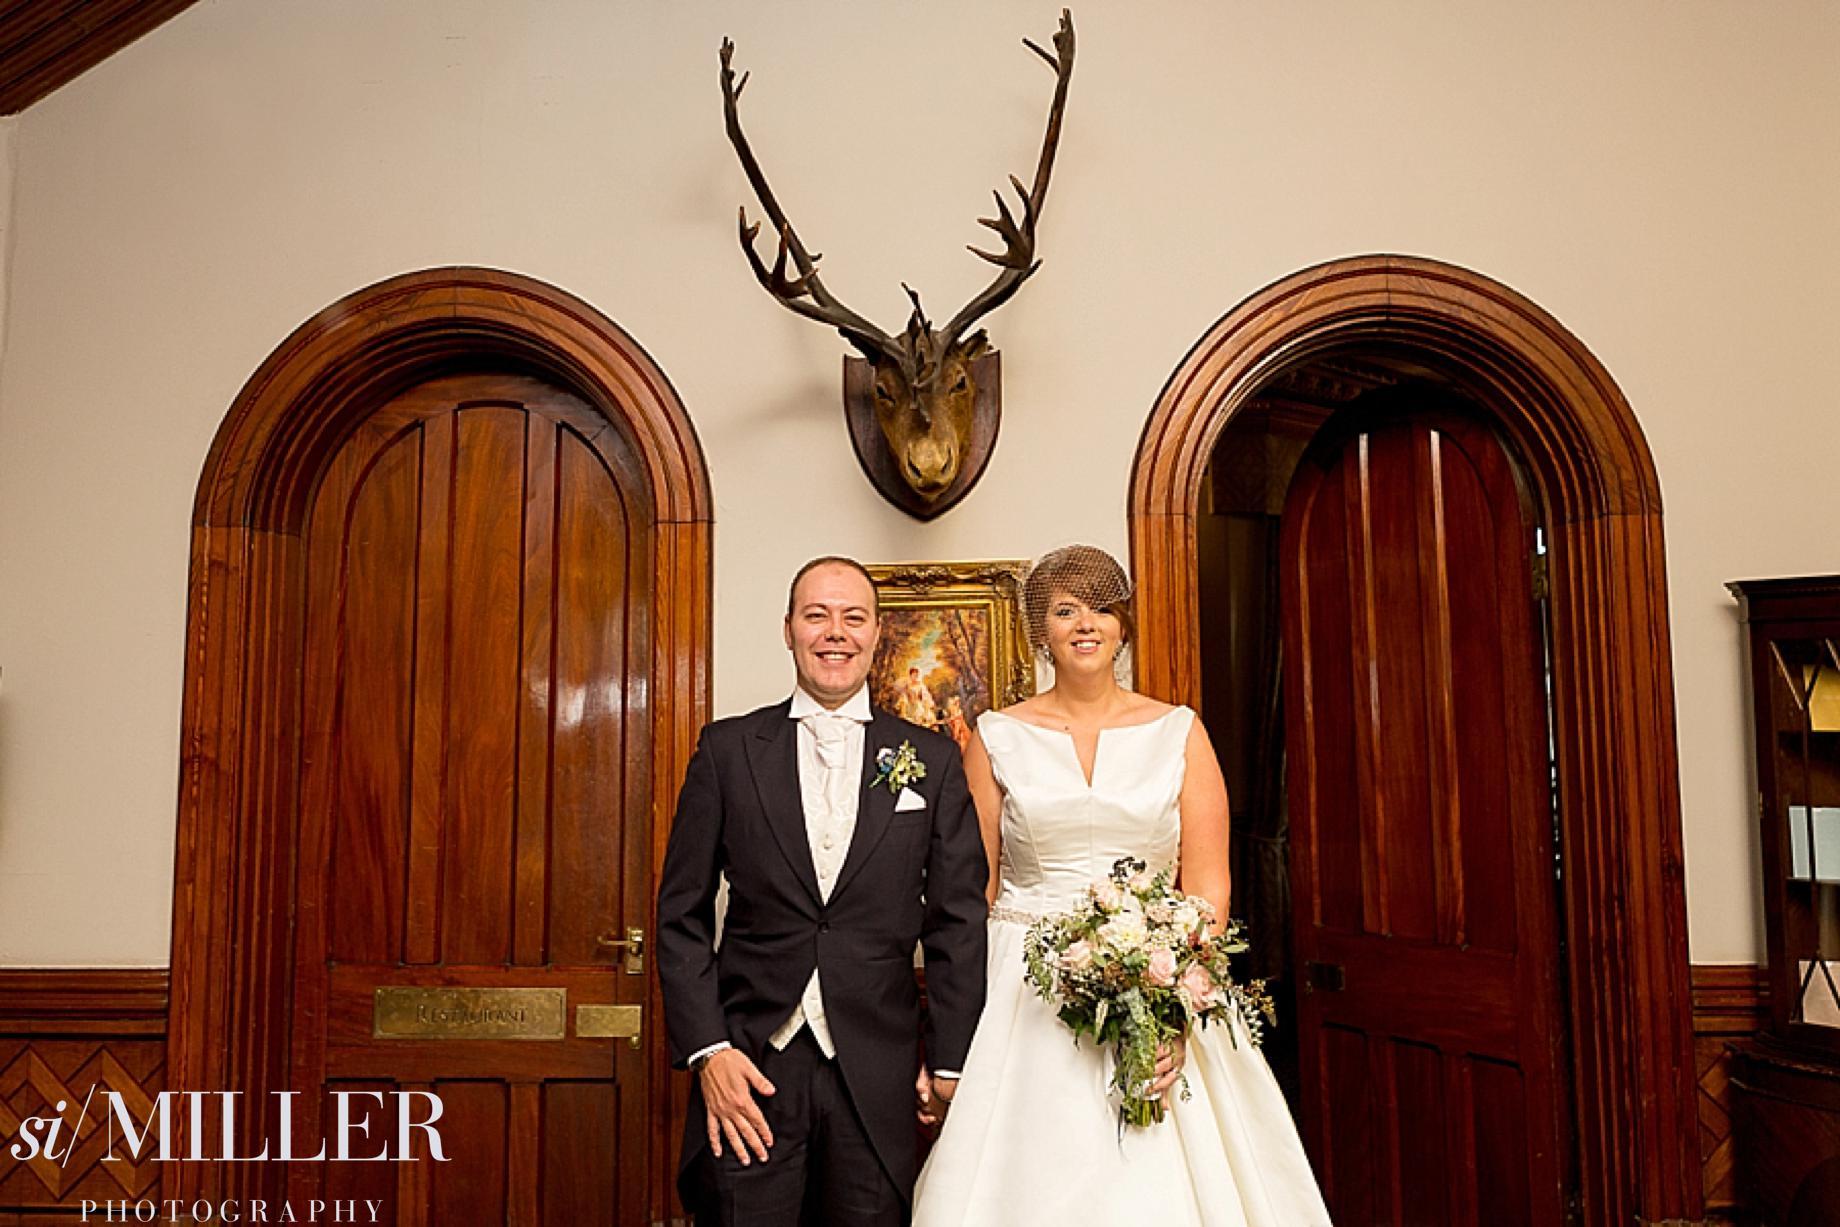 kilhey-court-Wedding-photographer-lancashire